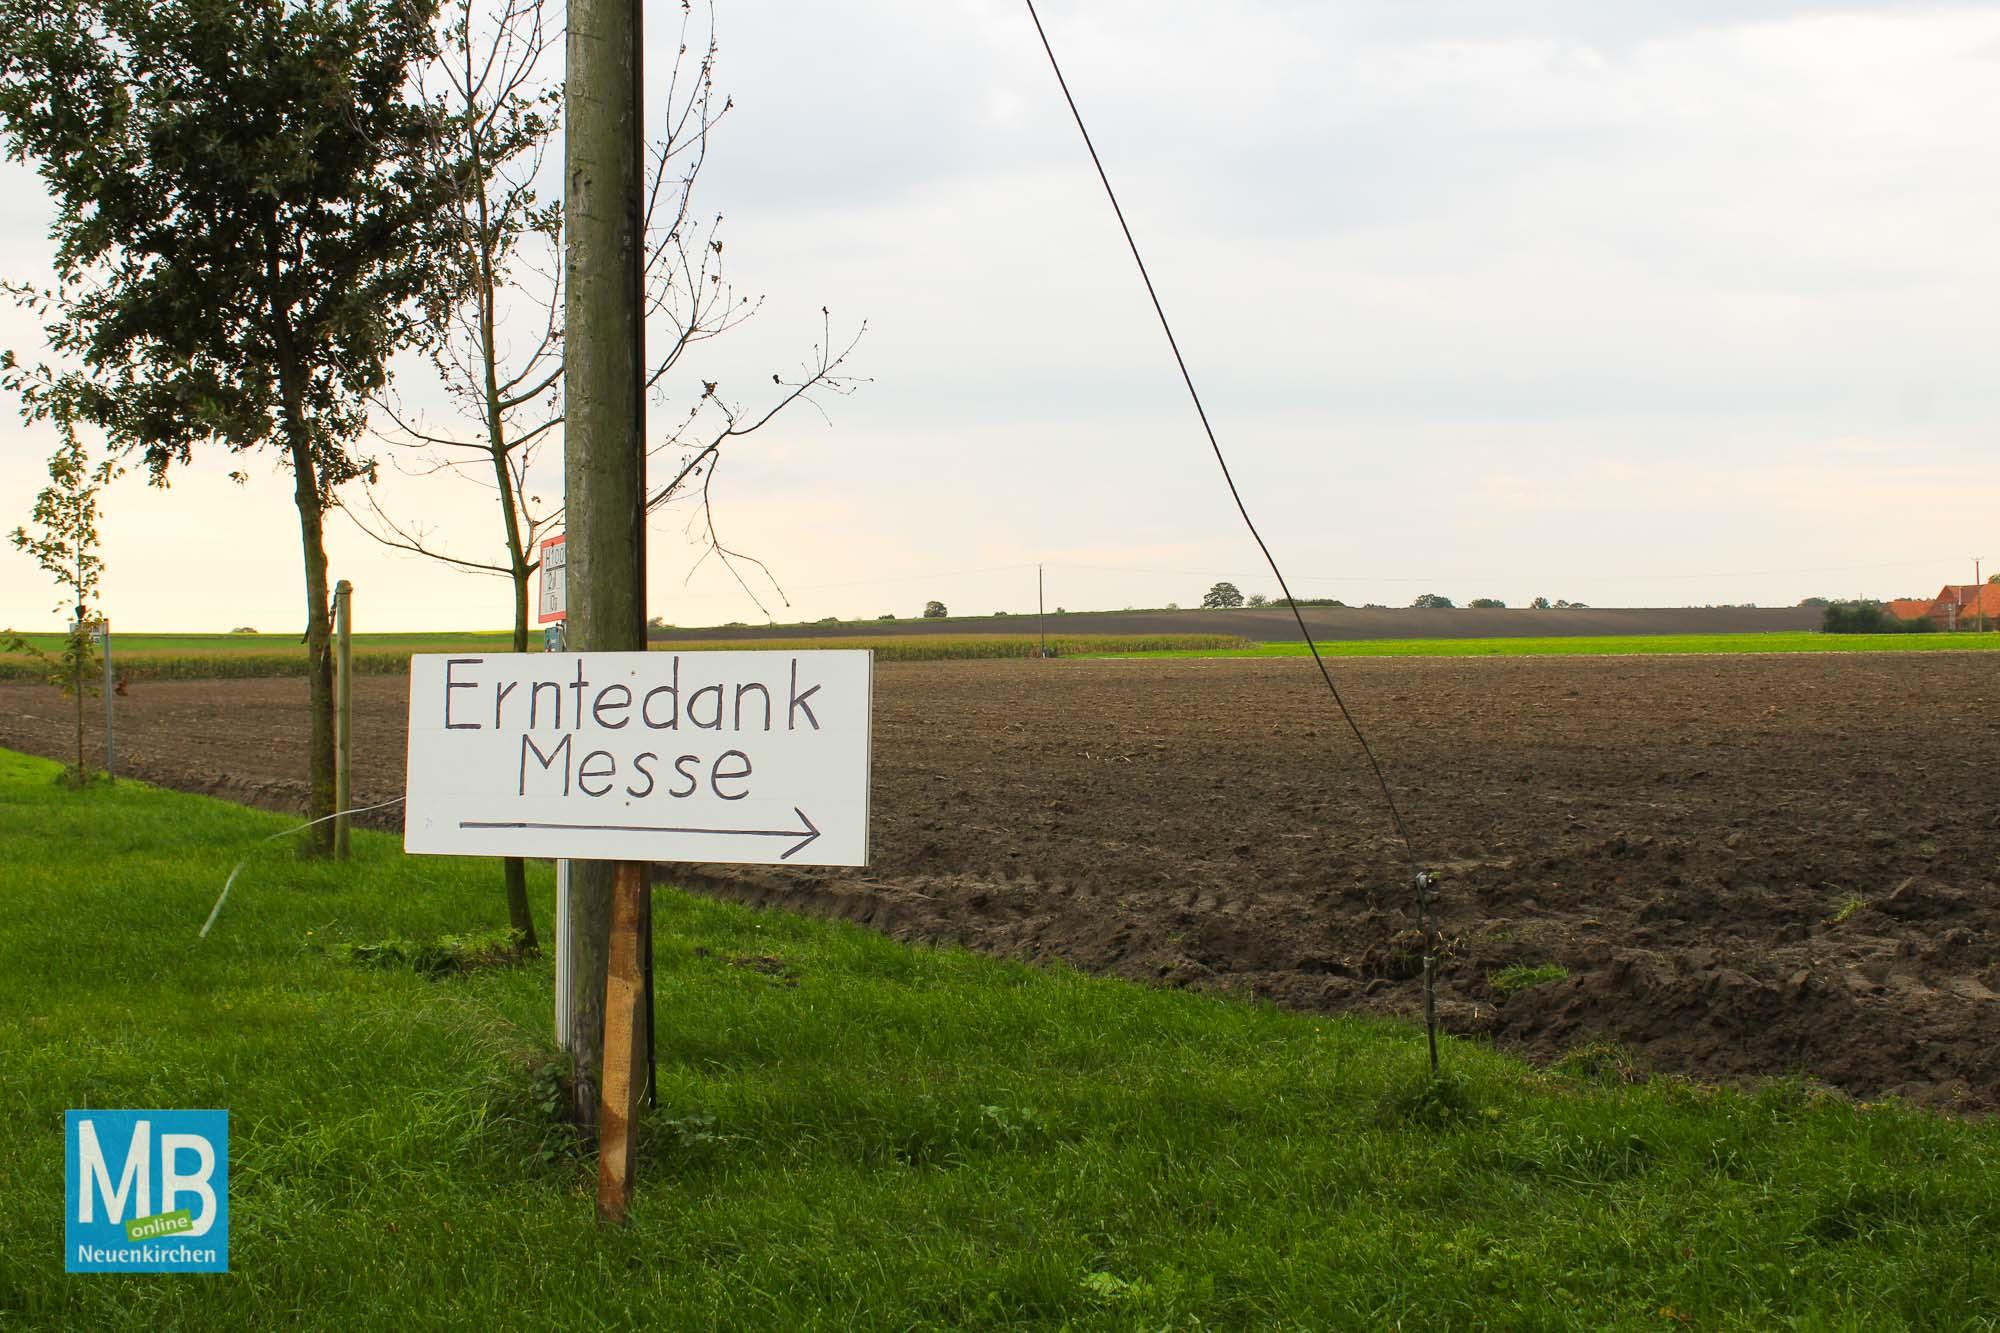 Das Erntedankfest auf dem Hof Reinke war ein voller Erfolg. | Foto: Kaumanns